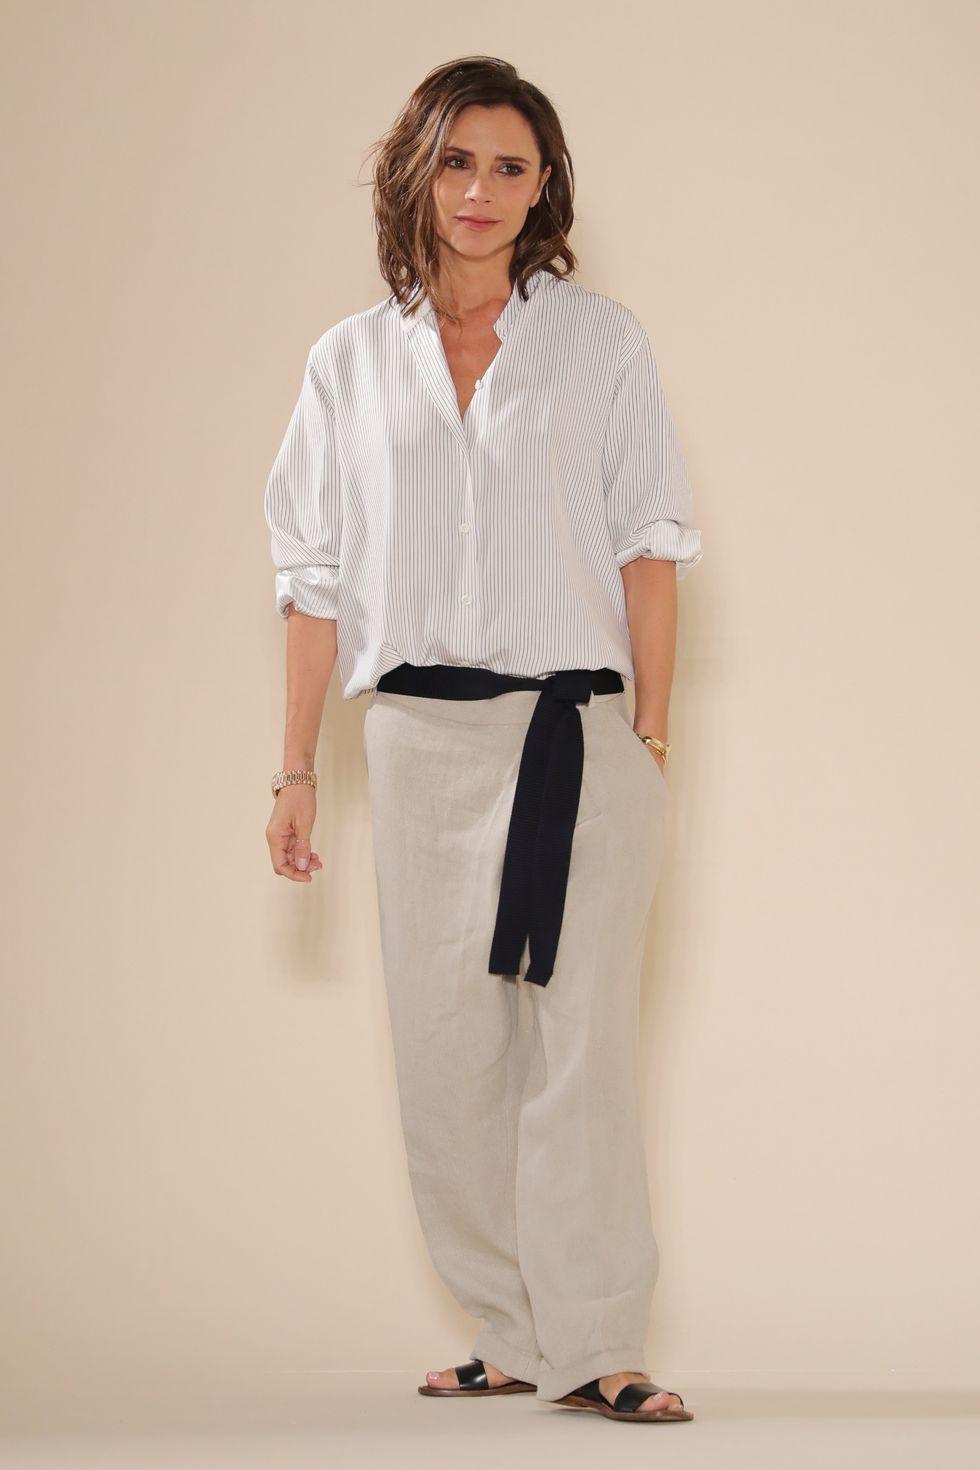 Виктория Бекхэм в бежевых широких брюках, белая свободная рубашка и черный пояс